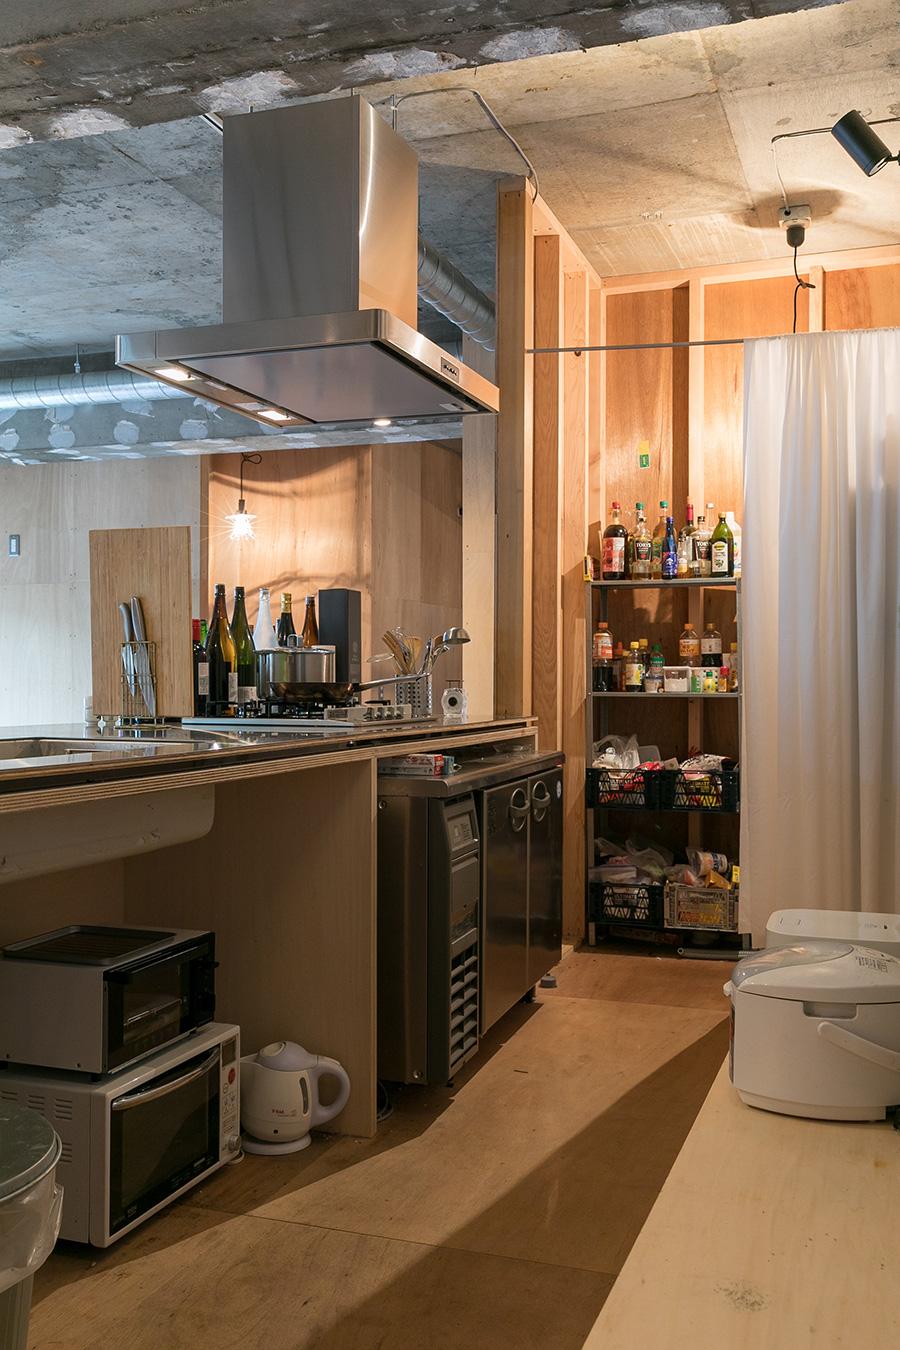 キッチンの奥にはパントリーを設けた。調味料は共有。個人のストックはカゴの中へ。